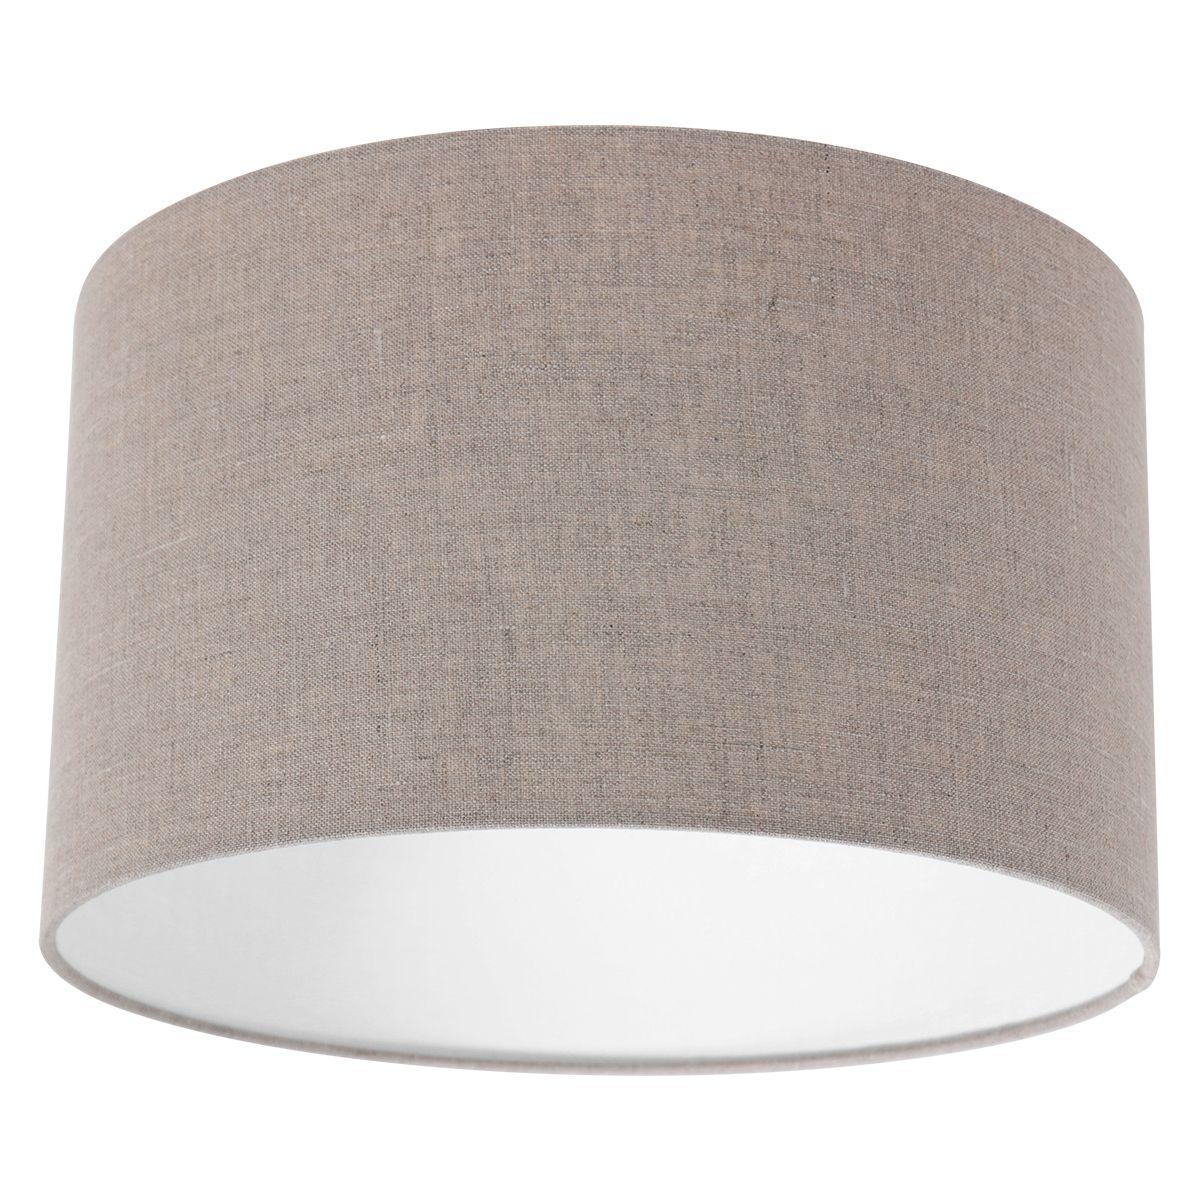 Steinhauer - Kap - lampenkap Ø 30 cm - linnen grijs